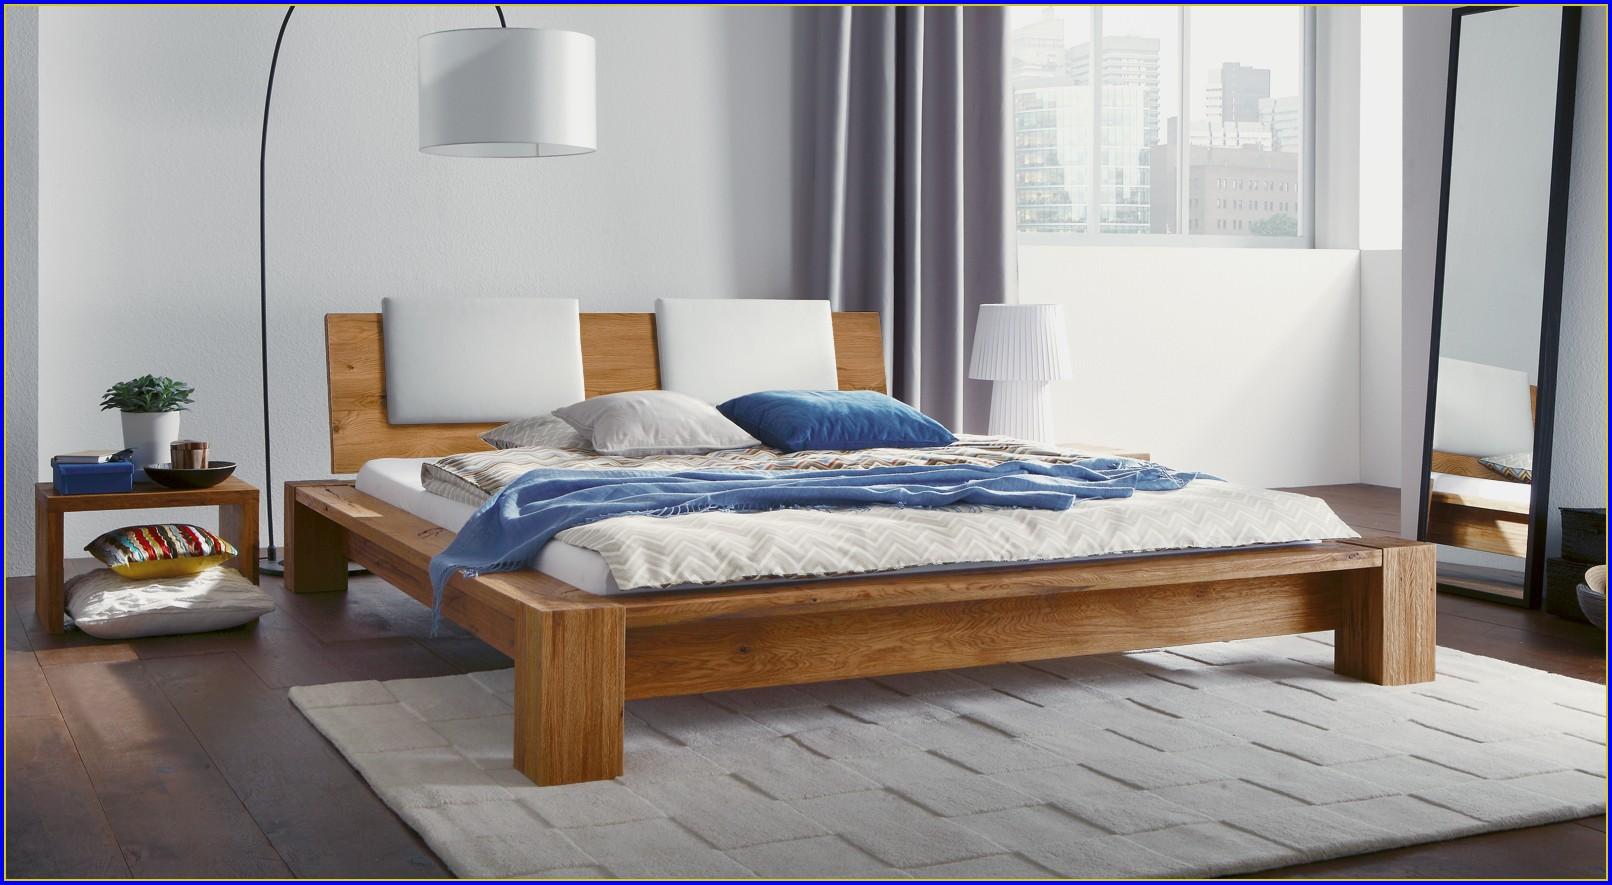 Esstisch Eiche Massiv Dänisches Bettenlager